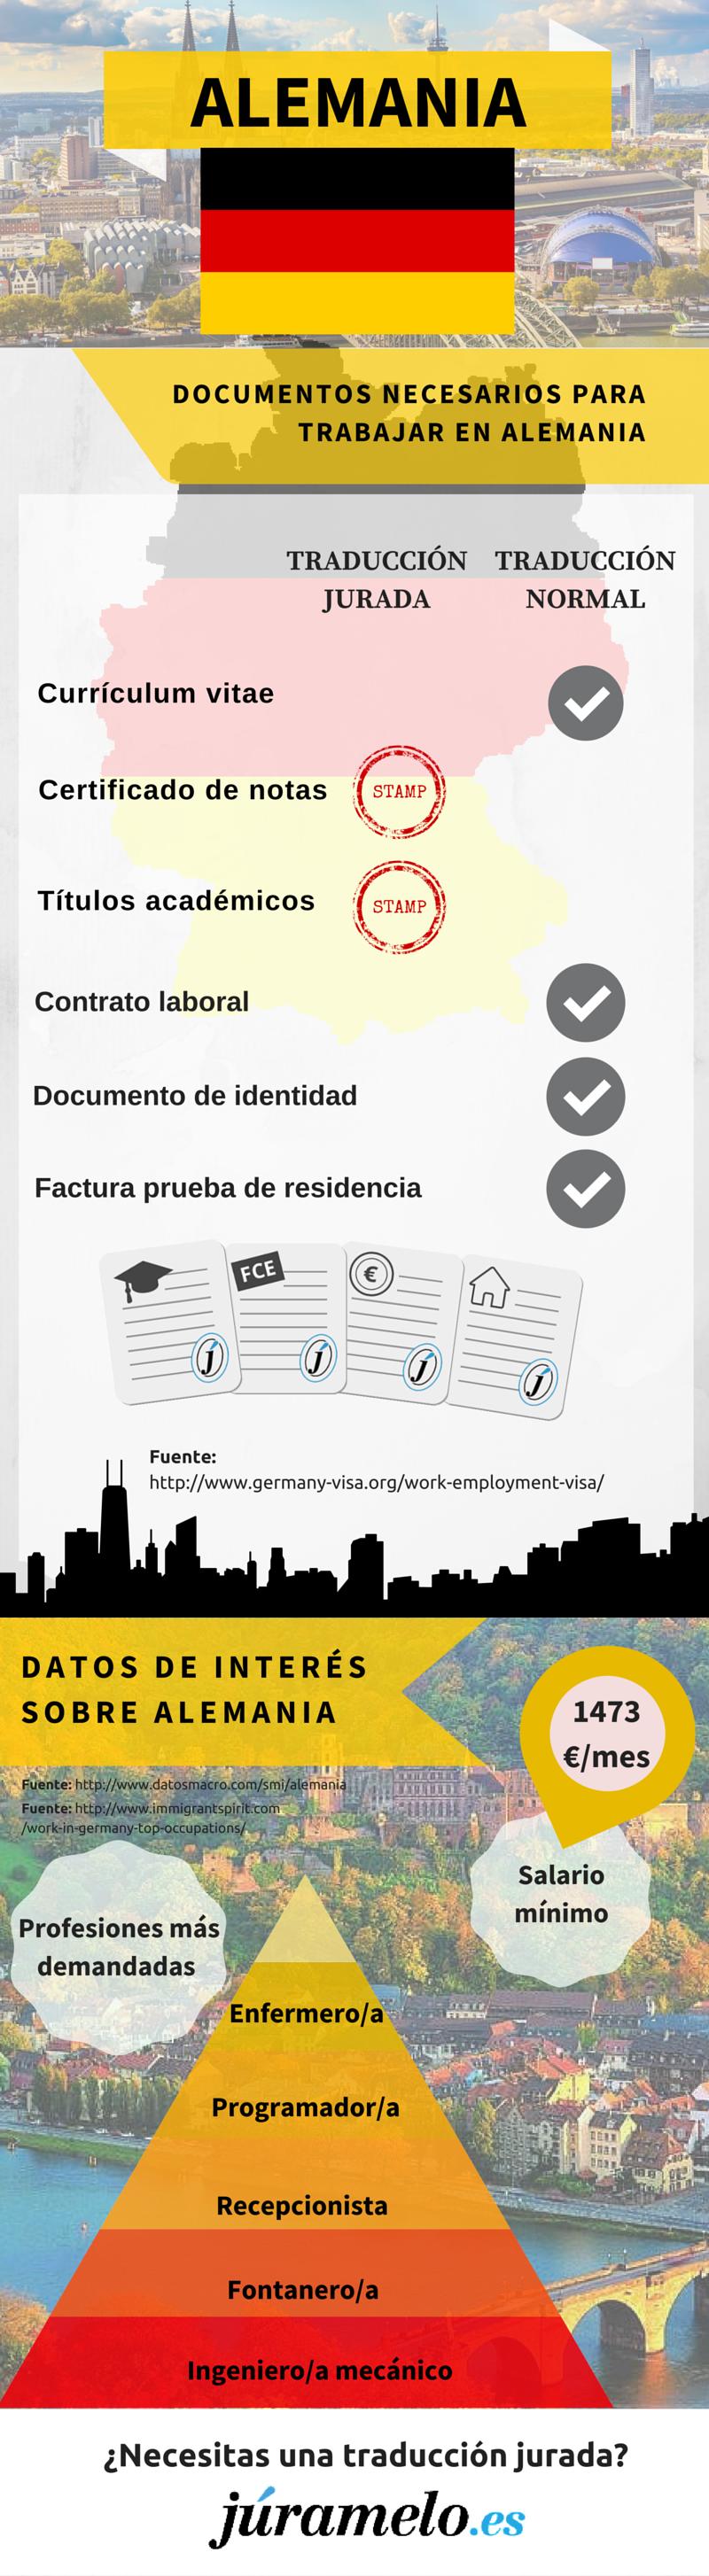 infografía de Júramelo sobre los documentos que necesitas en Alemania y algún otro dato de interés.